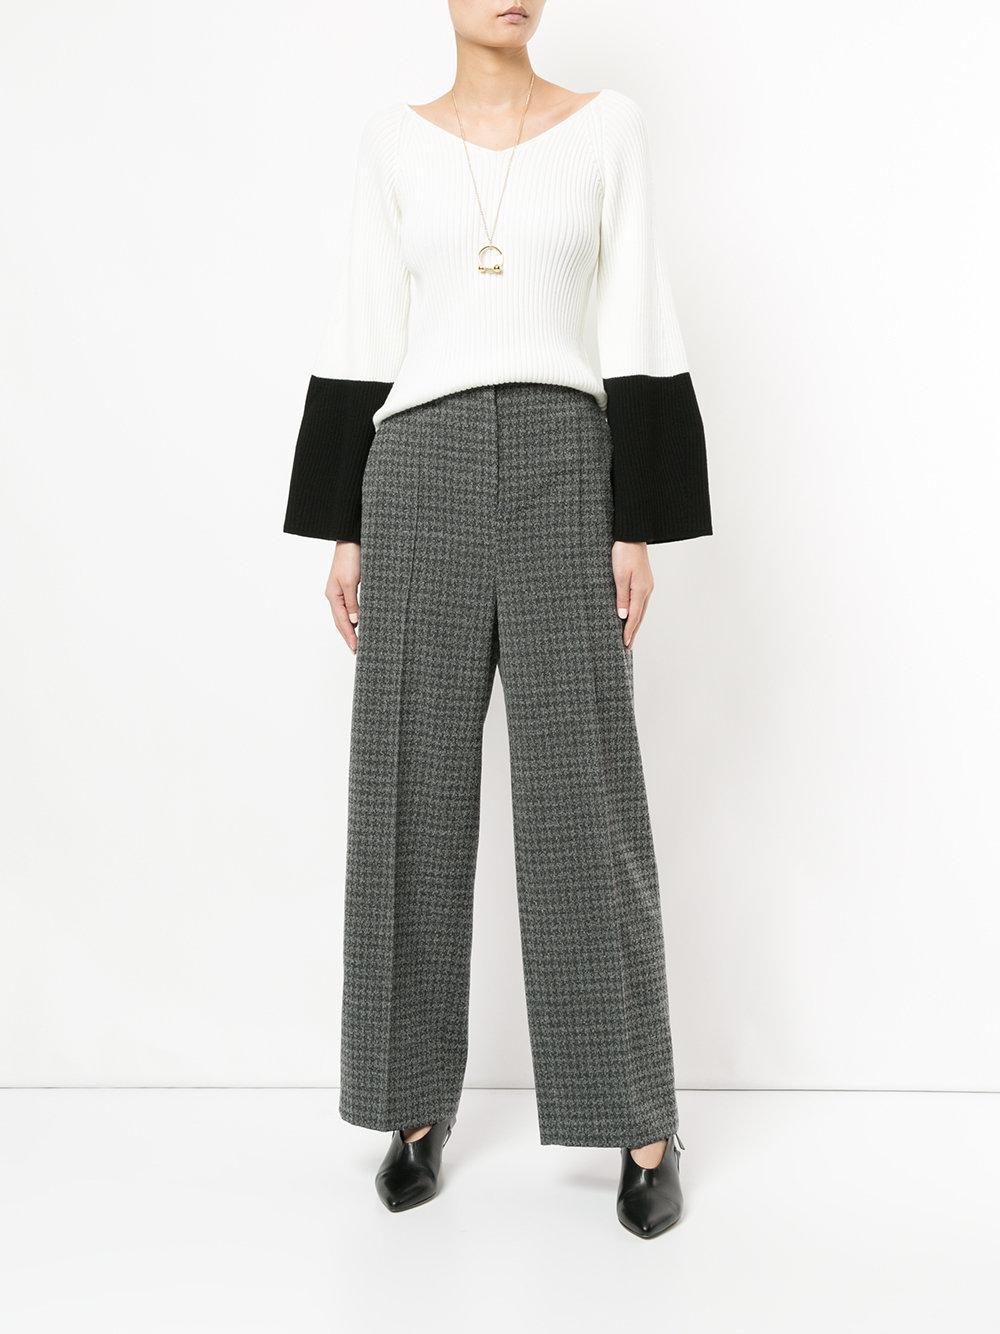 011b668c3fae8 https   www.lyst.com clothing des-pres-maglione  2018-01-05T22 58 ...